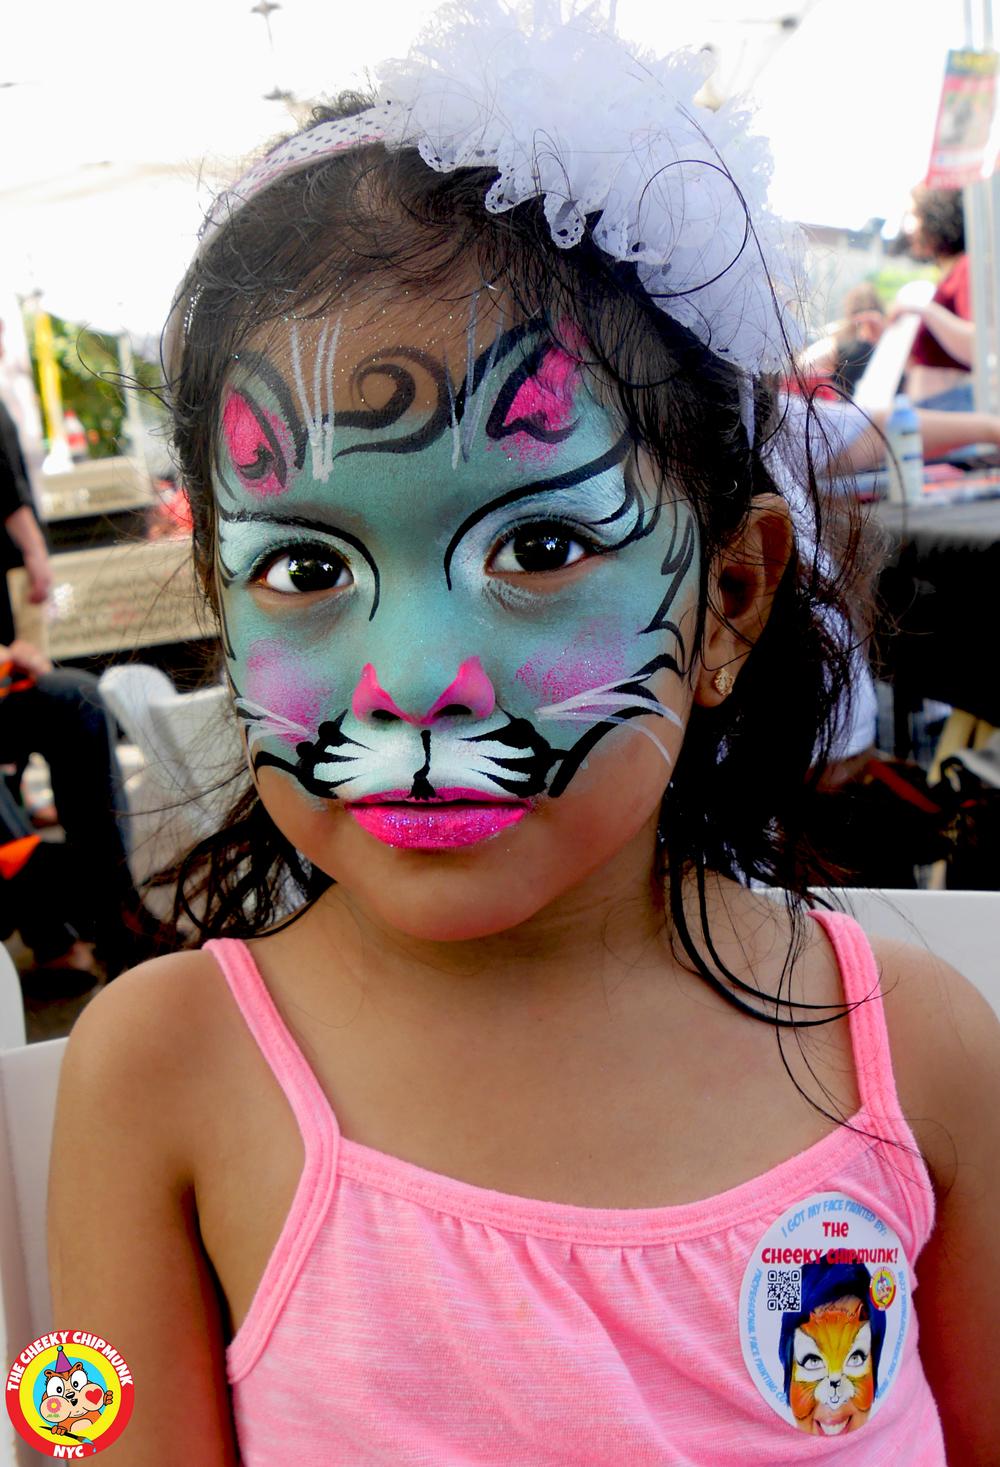 adoptapalooza prospect park blue kitty.jpg